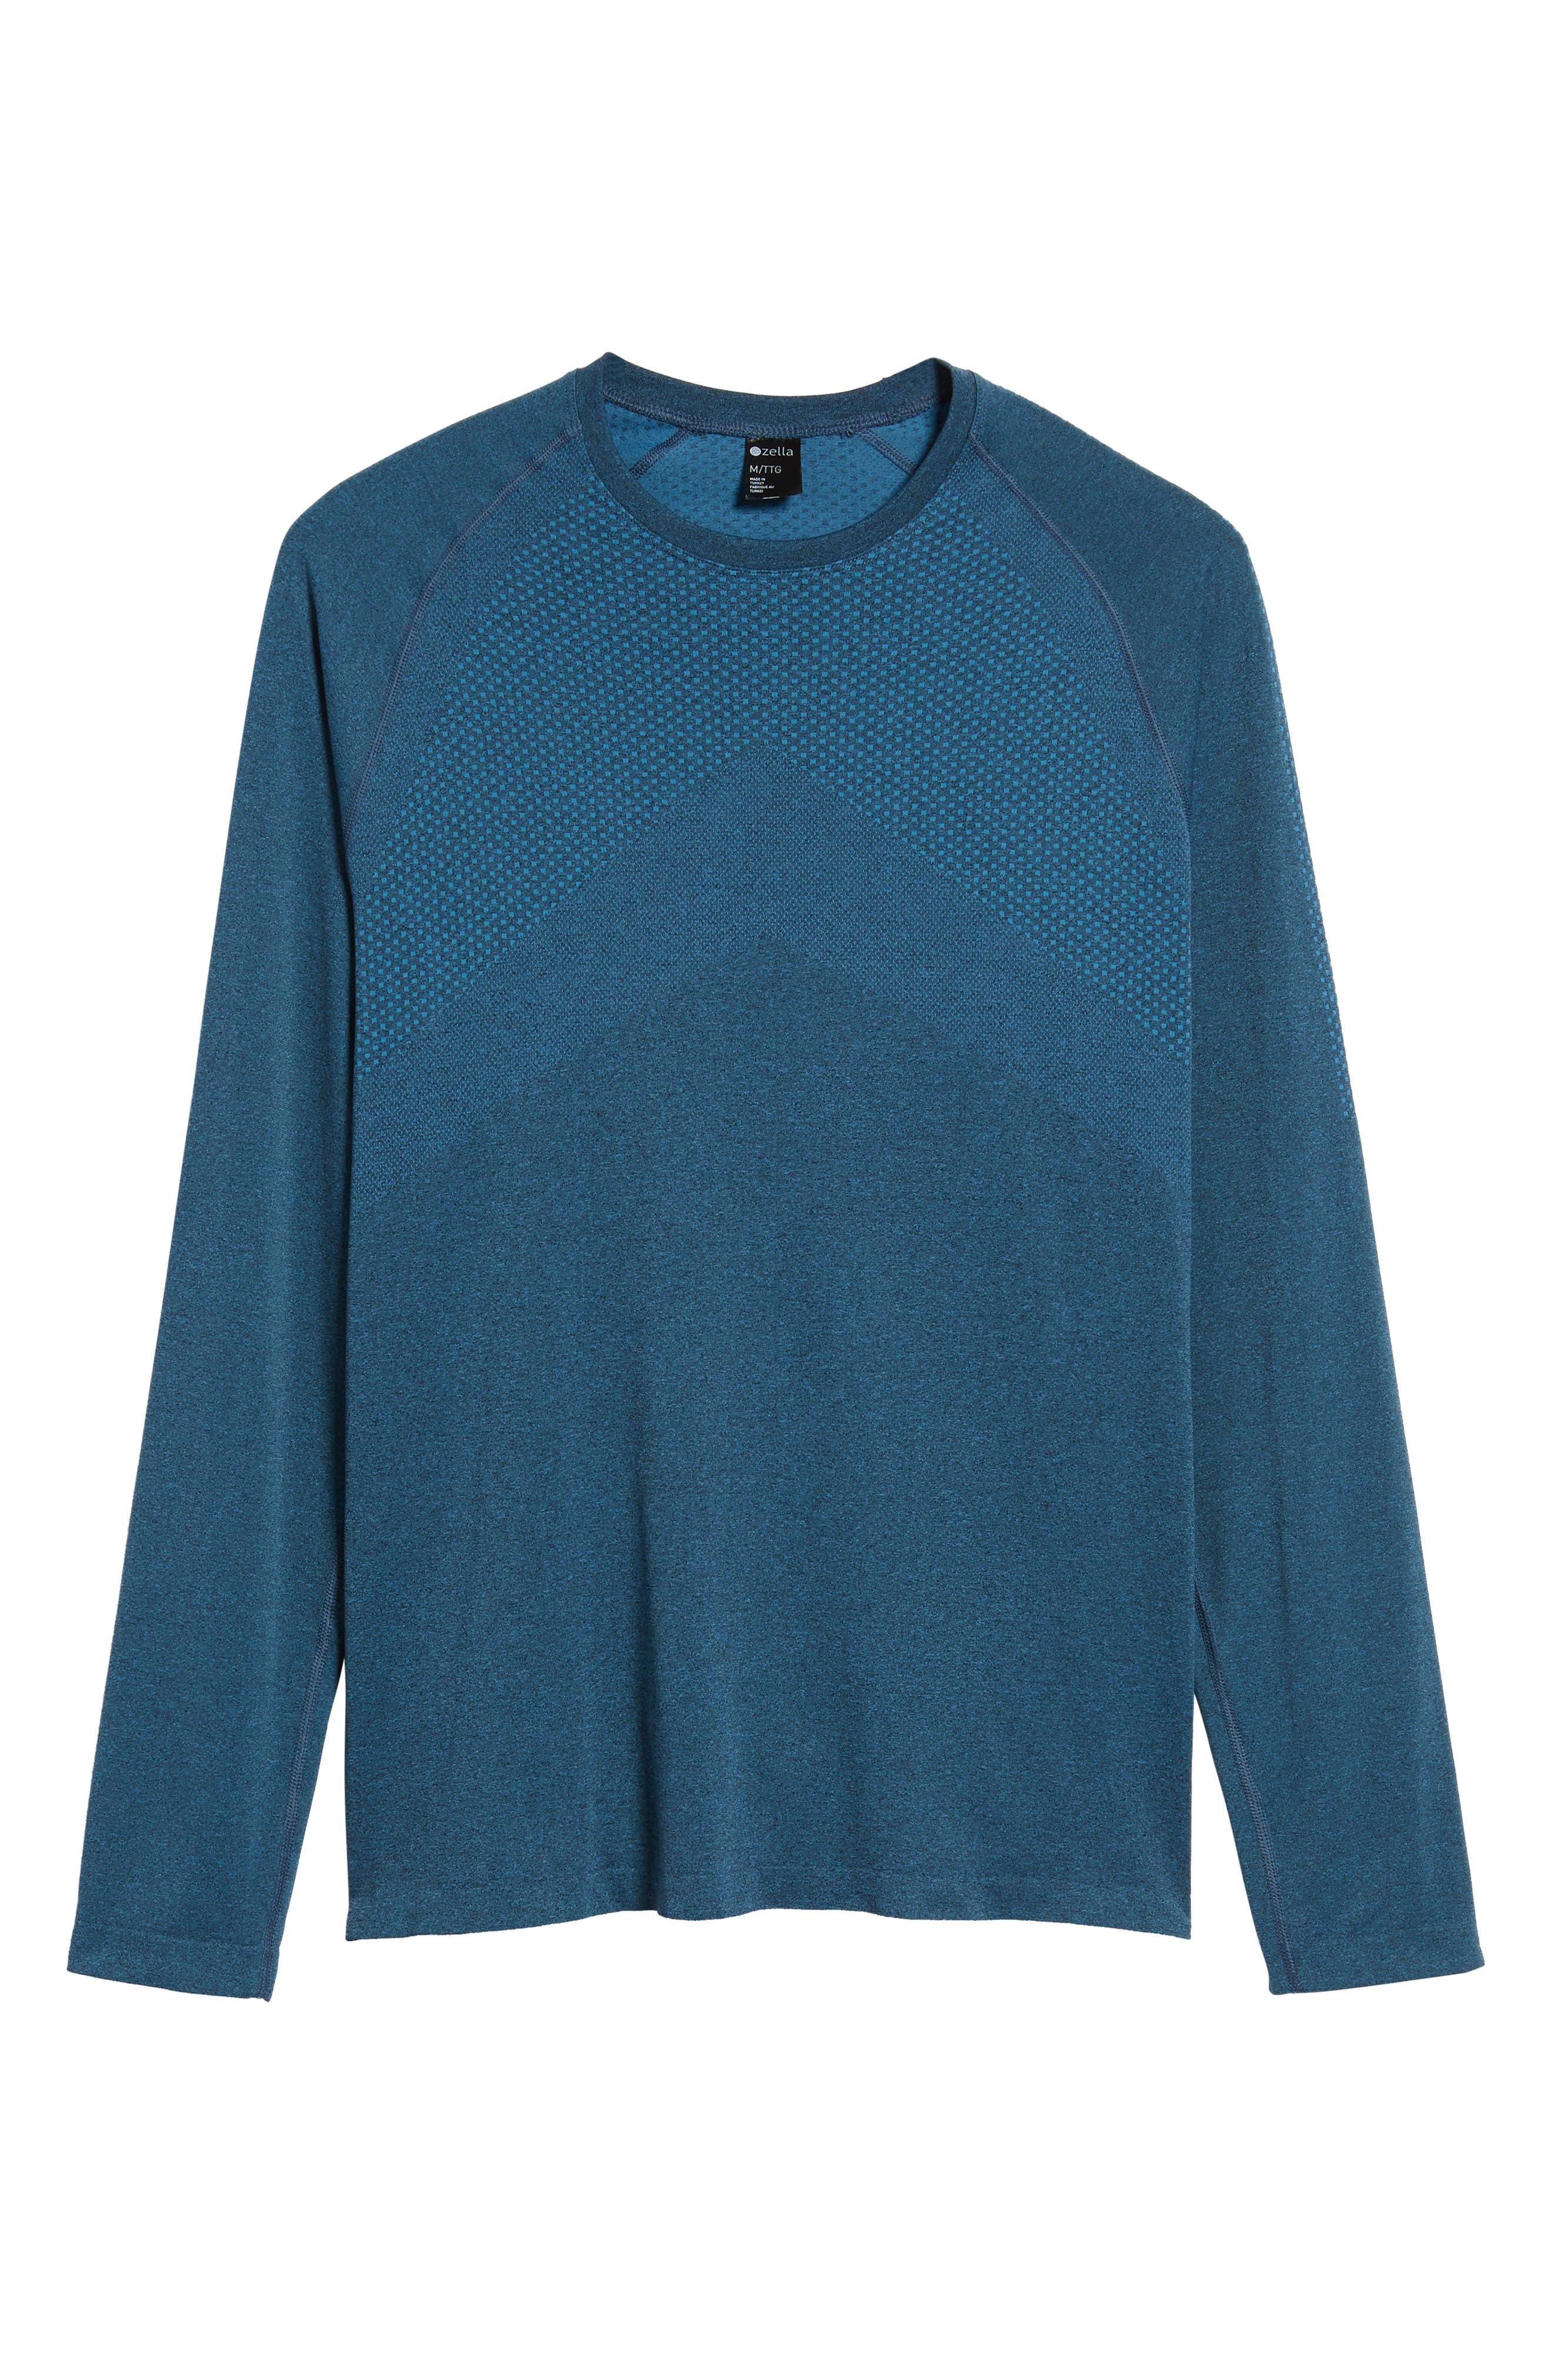 Zeolite Long Sleeve Performance T-Shirt,                             Alternate thumbnail 6, color,                             050